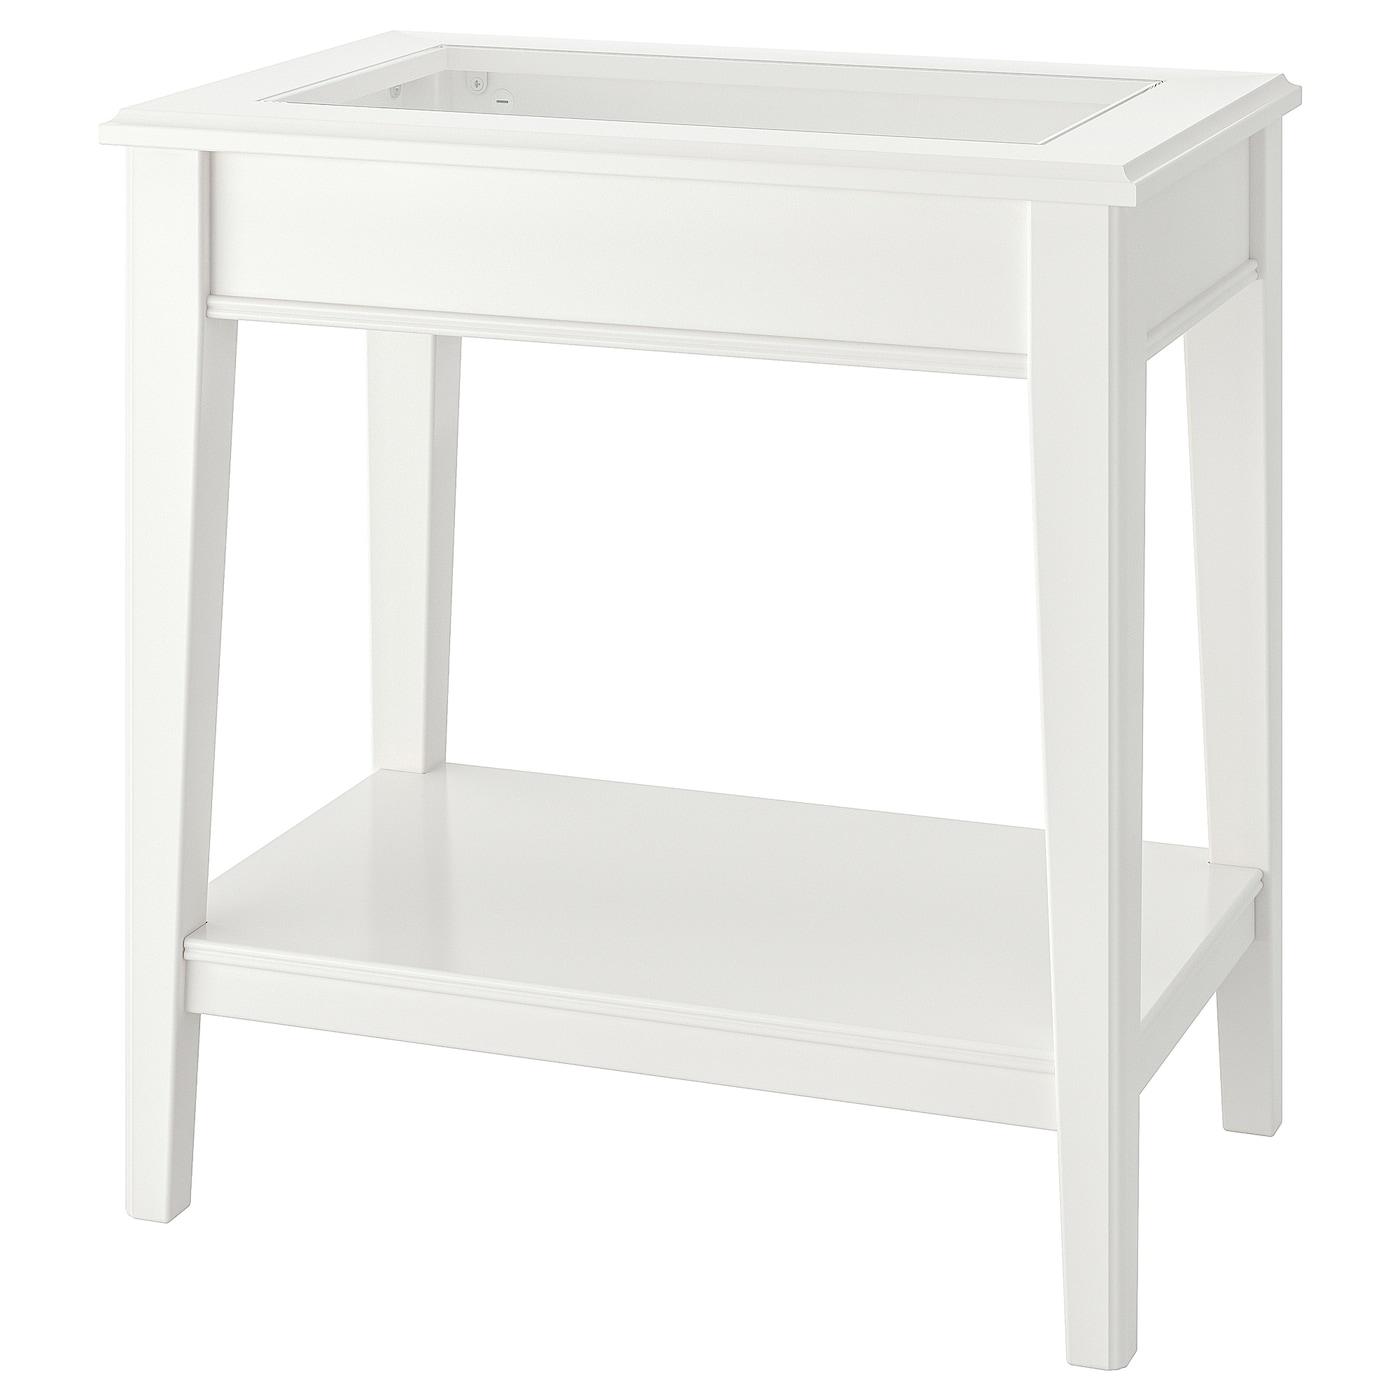 IKEA LIATORP biały stolik ze szklanym panelem górnym, 57x40 cm